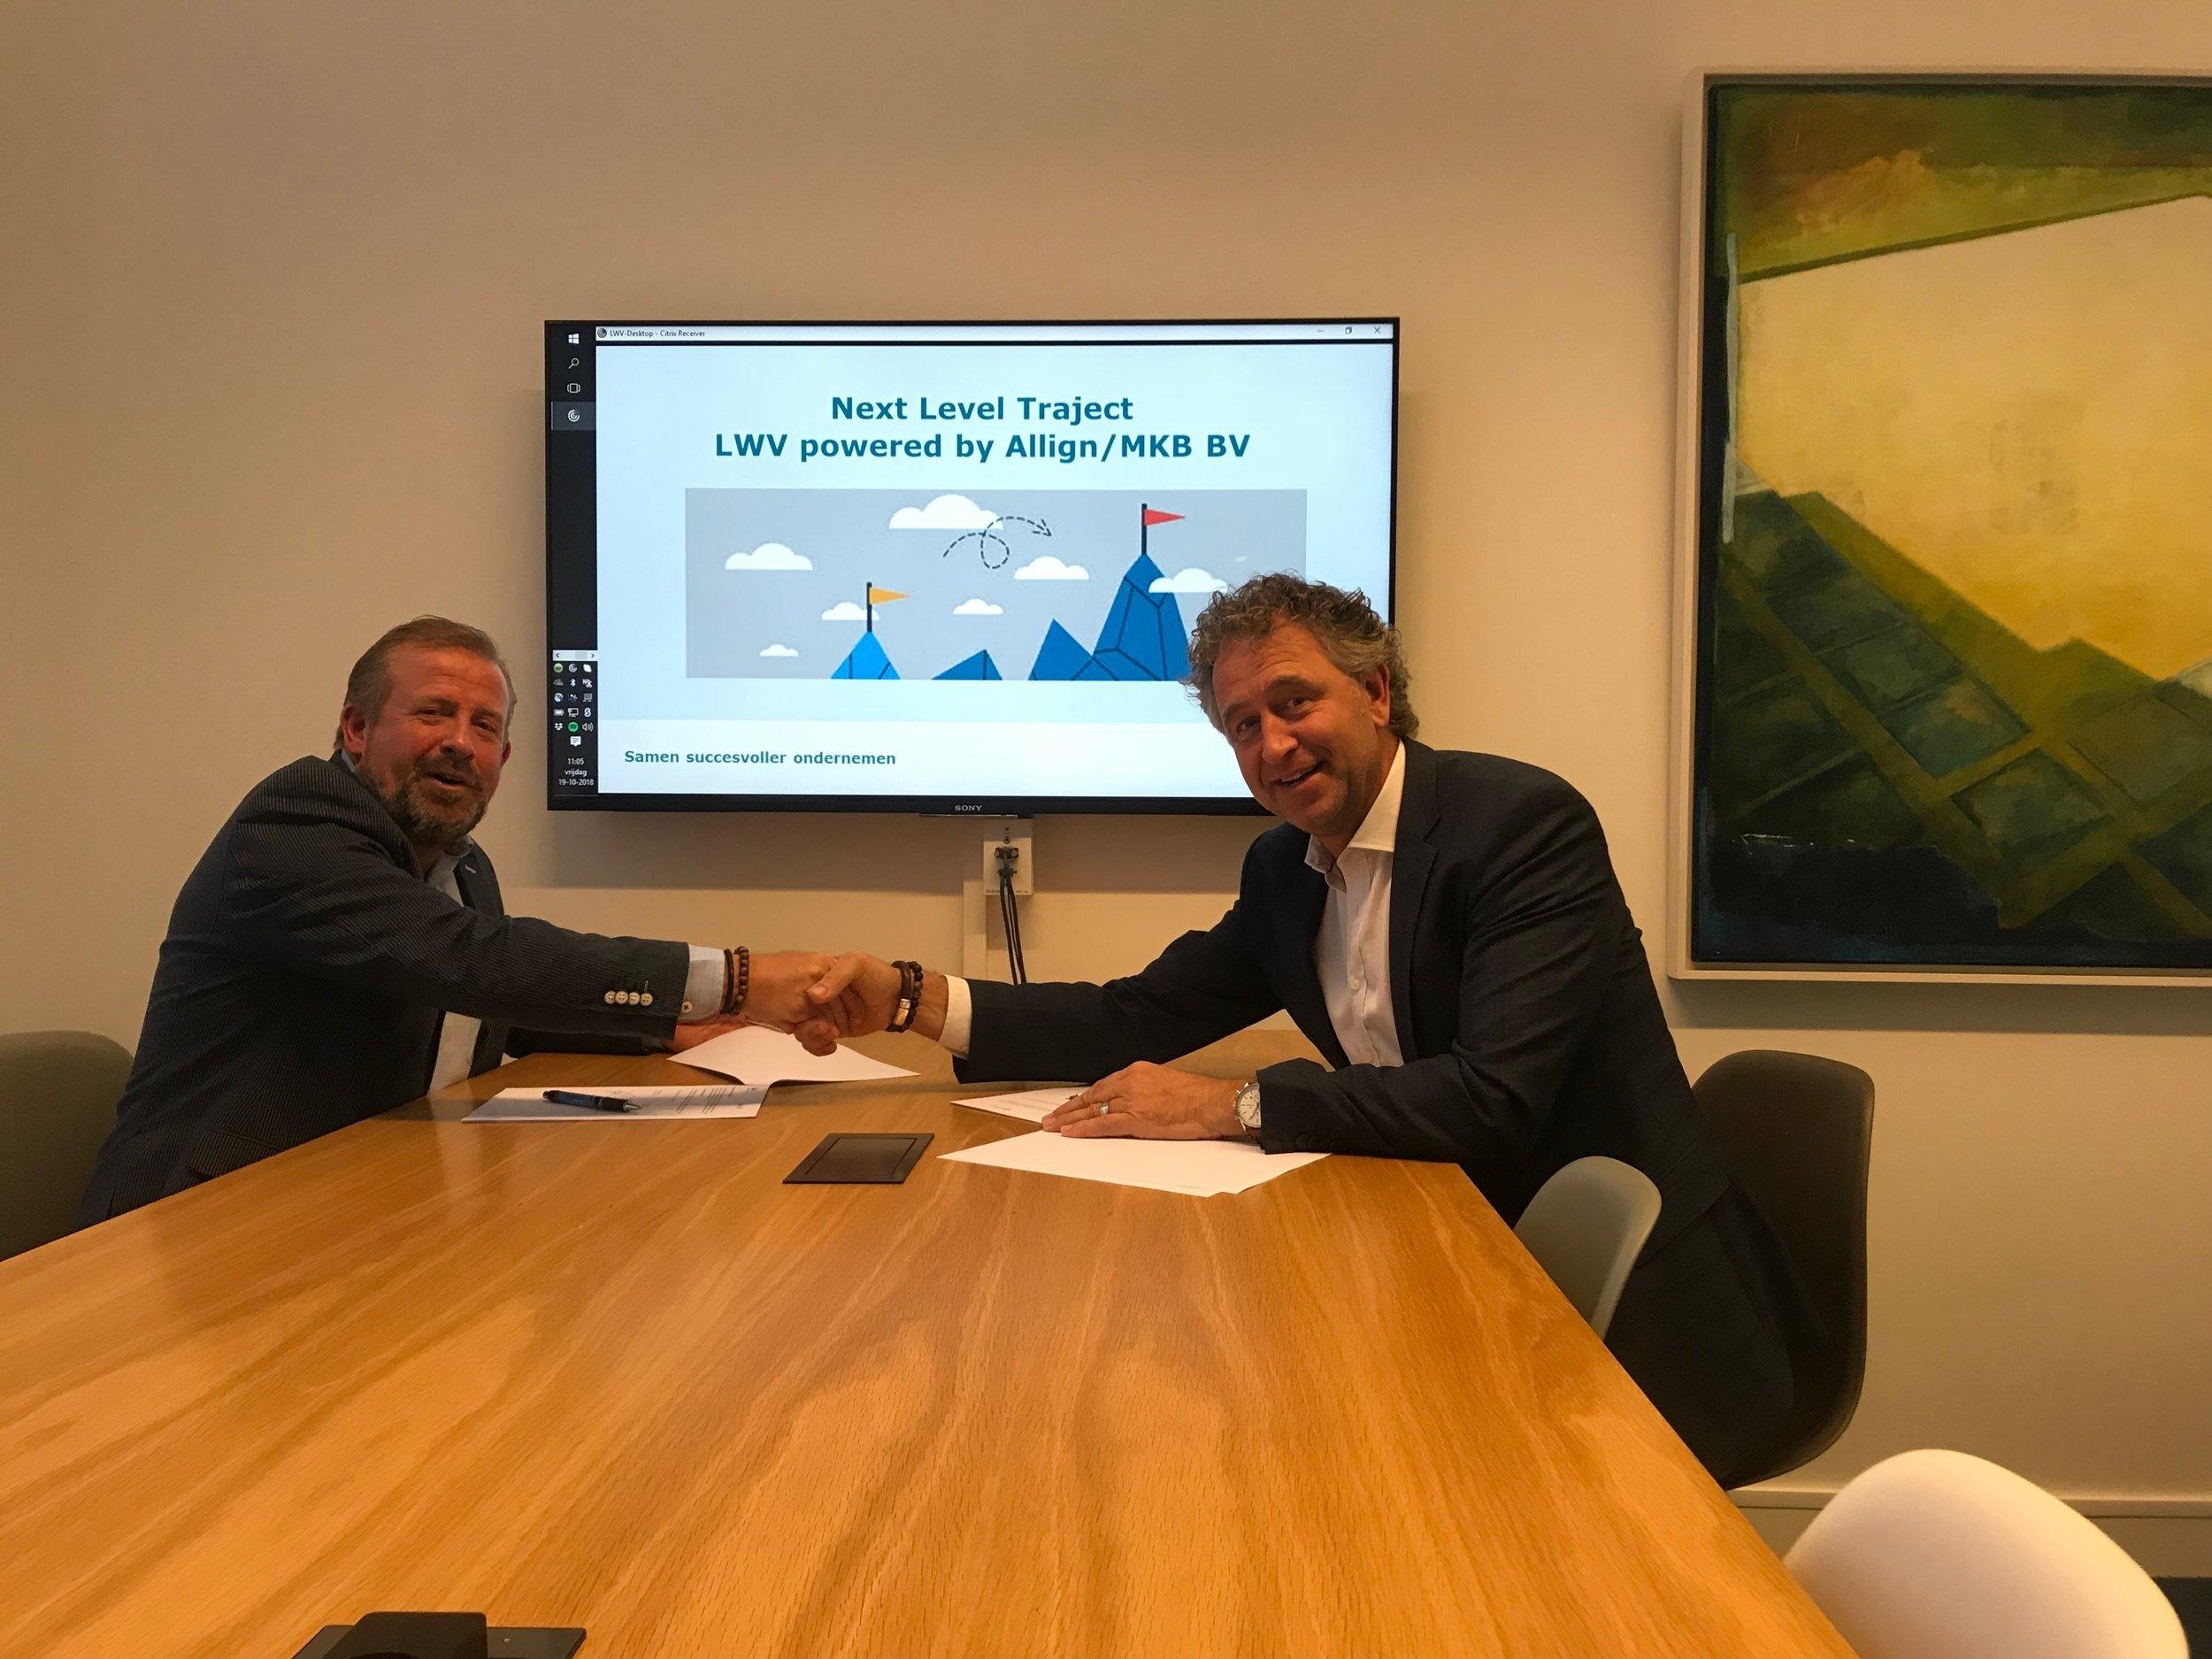 LWV en Allign-MKB BV. hebben getekend op een samenwerking in het kader van het LWV next level traject powered by Allign. Een unieke kans voor ondernemers met een uitgesproken ambitie tot sprongsgewijze verbetering (groei/innovatie) Oftewel…een traject waarbij een ondernemer met zijn of haar onderneming een kwantum sprong maakt naar de volgende divisie. Volg onze social media kanalen, meer informatie volgt...